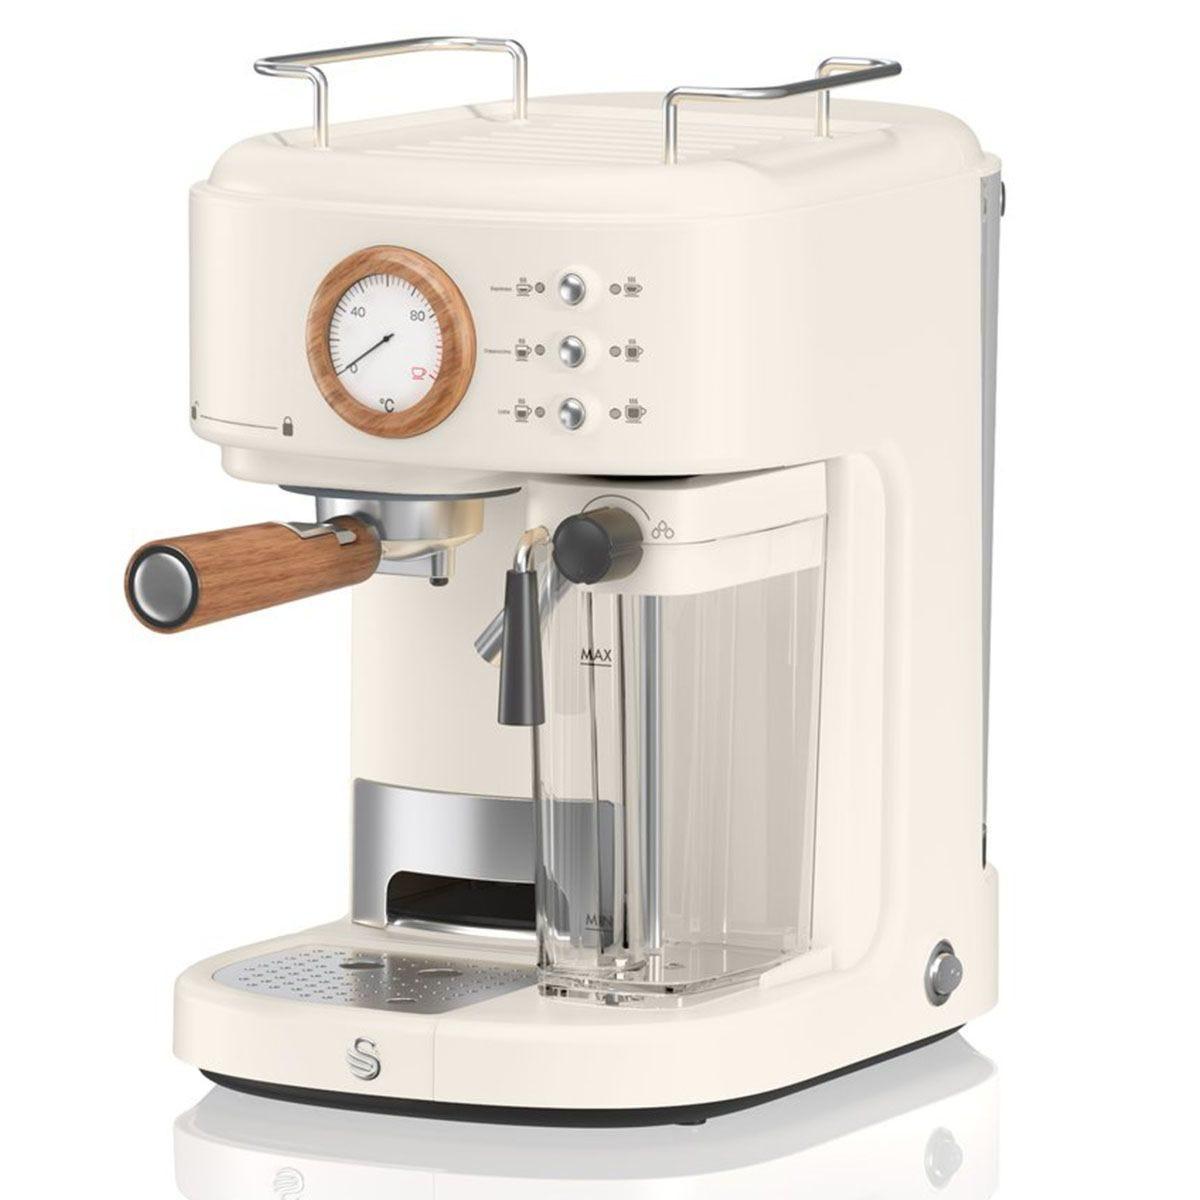 Swan SK22150WHTN Nordic Semi Auto 1.7L Coffee Machine - Nordic Cotton White